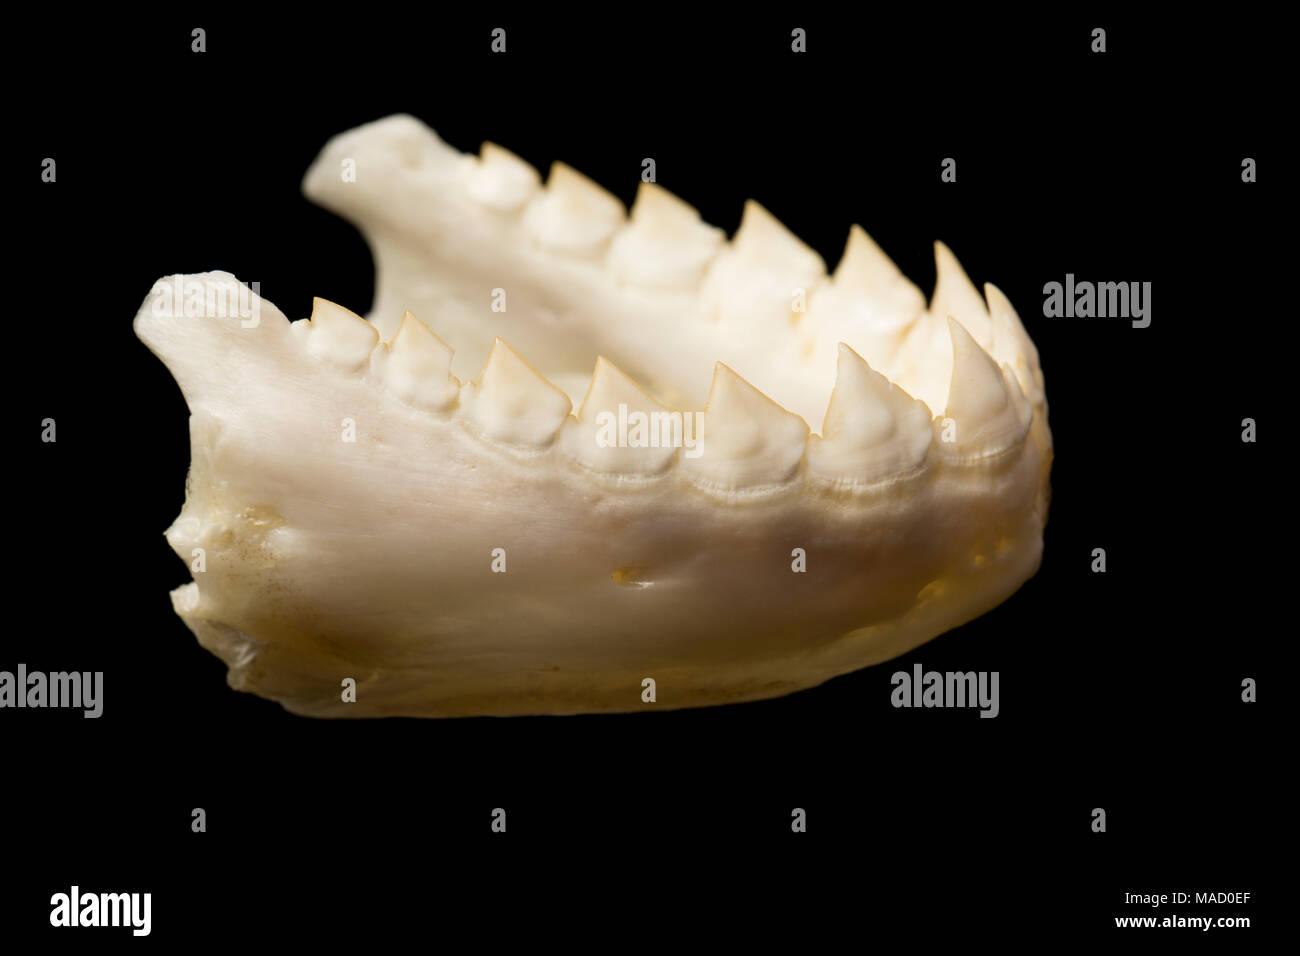 La mâchoire inférieure d'un piranha, poisson noir Serrasalmus rhombeus, montrant les dents triangulaires dentelées, le Suriname, l'Amérique du Sud. Photo Stock